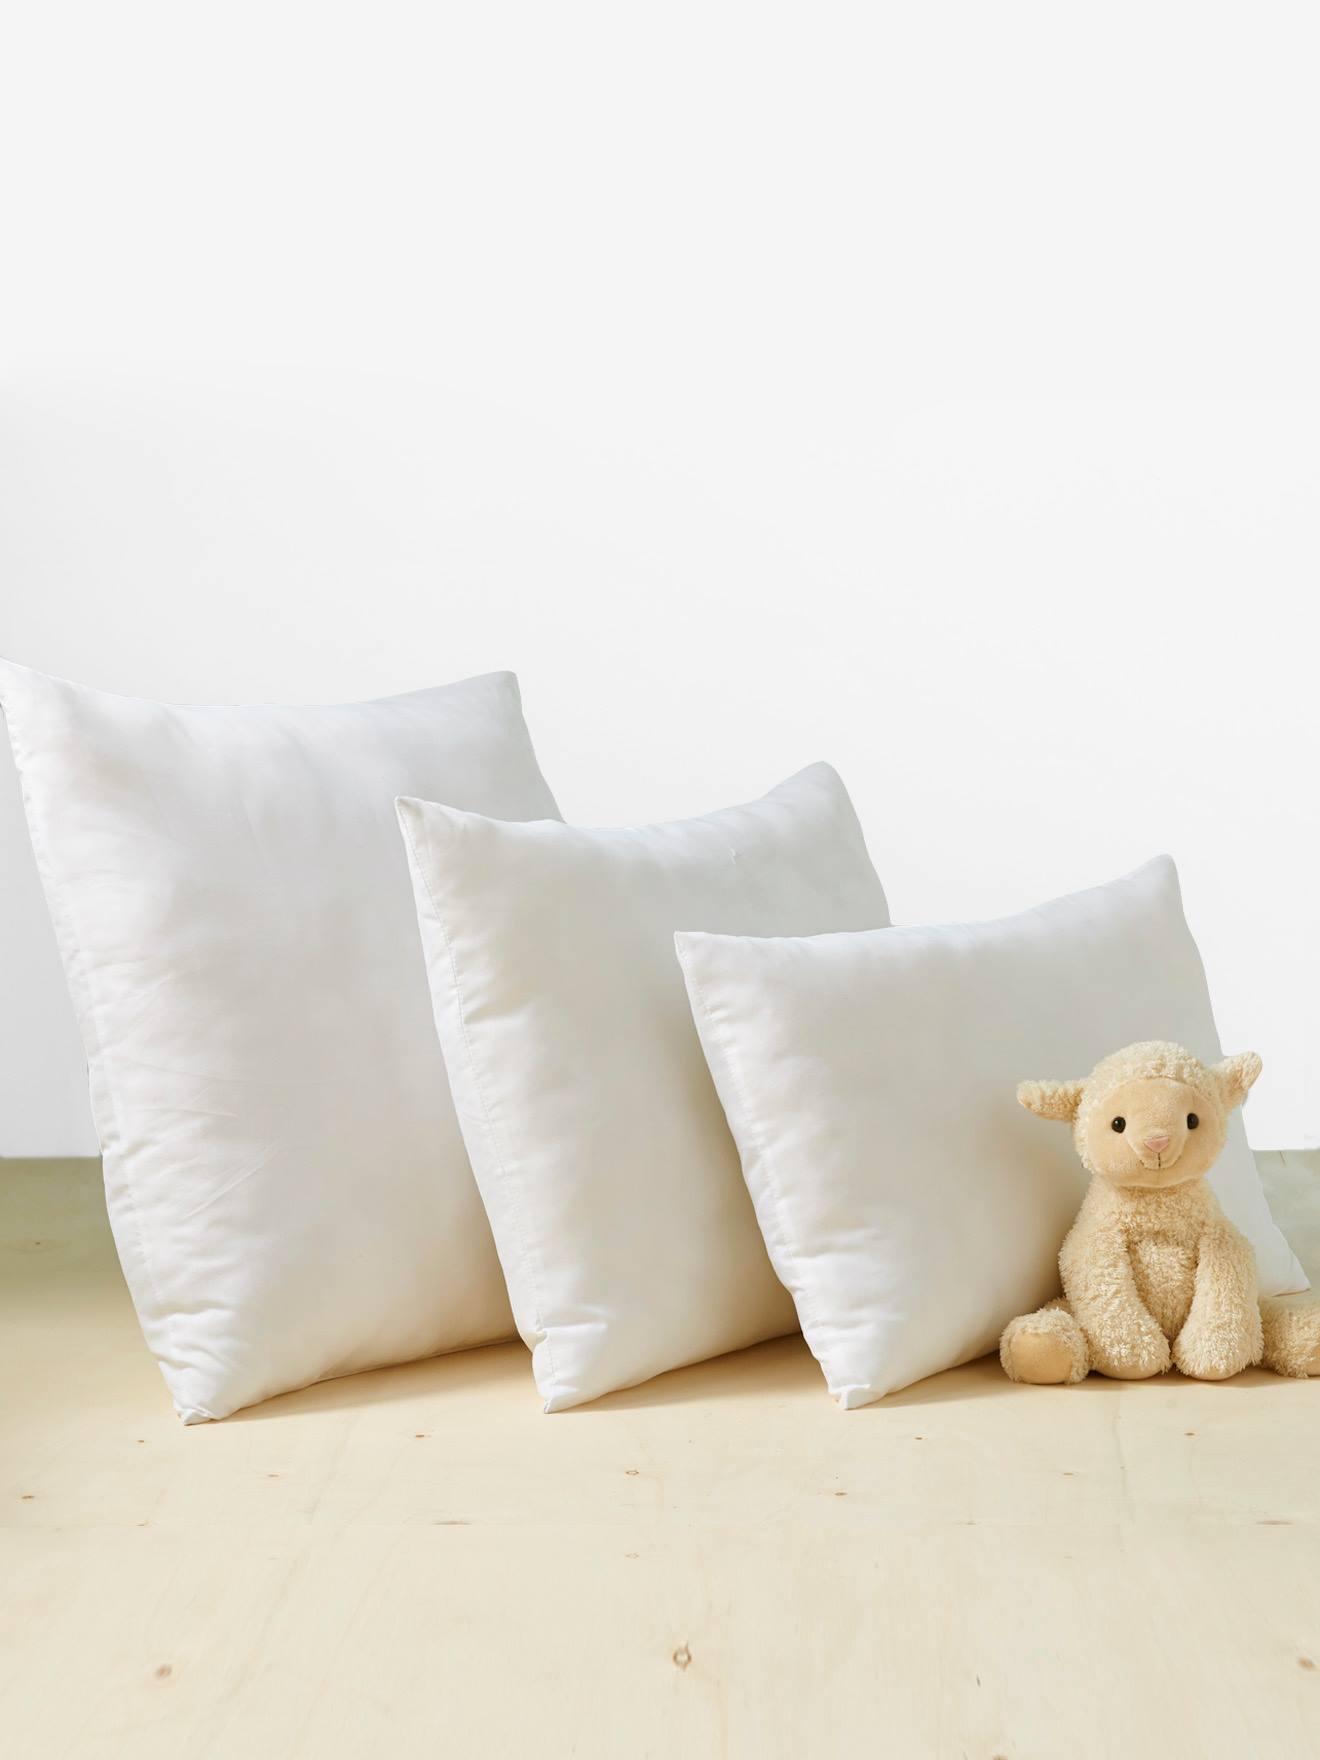 meubles et linge de lit literie oreiller oreillers en coton bio bio